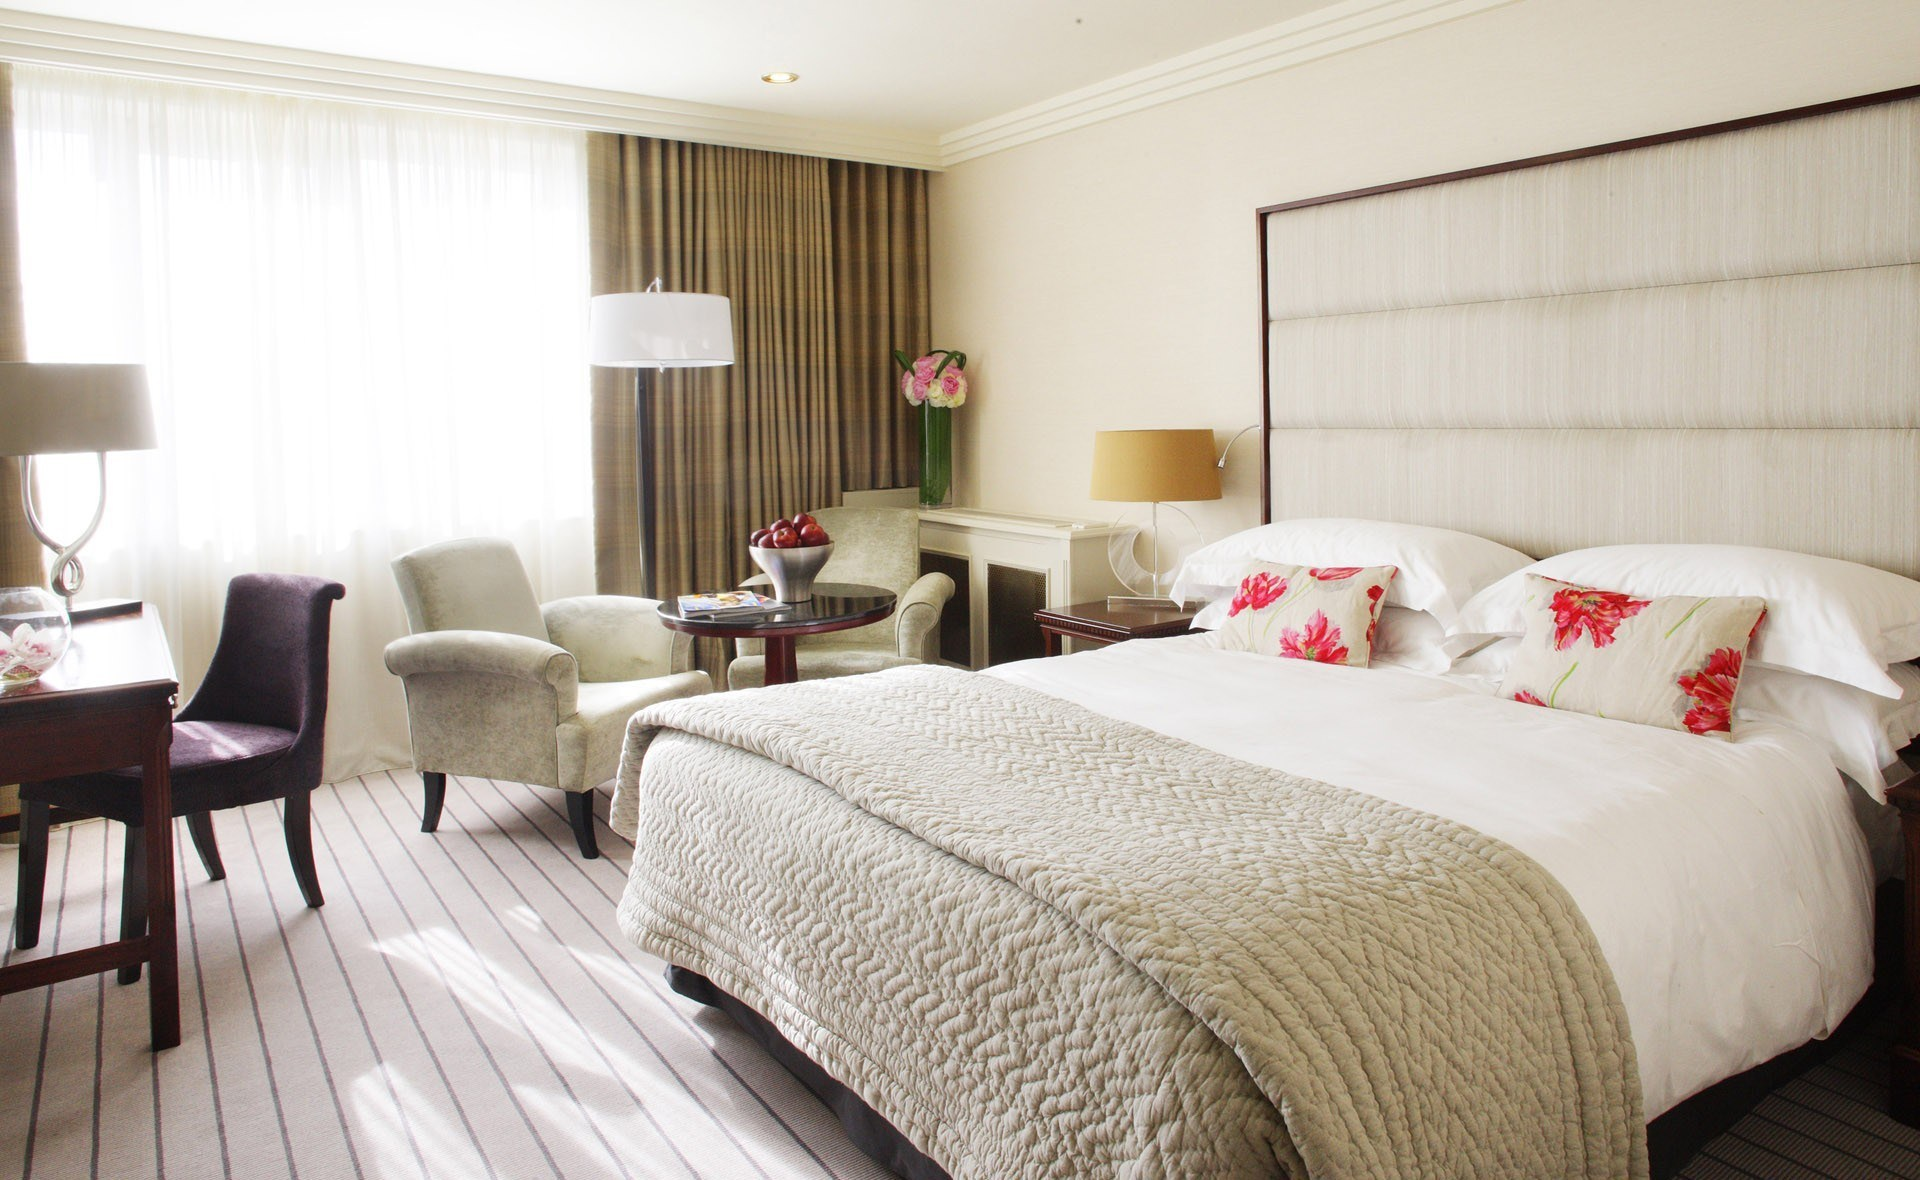 dormitorios grandes decoracion acogedora